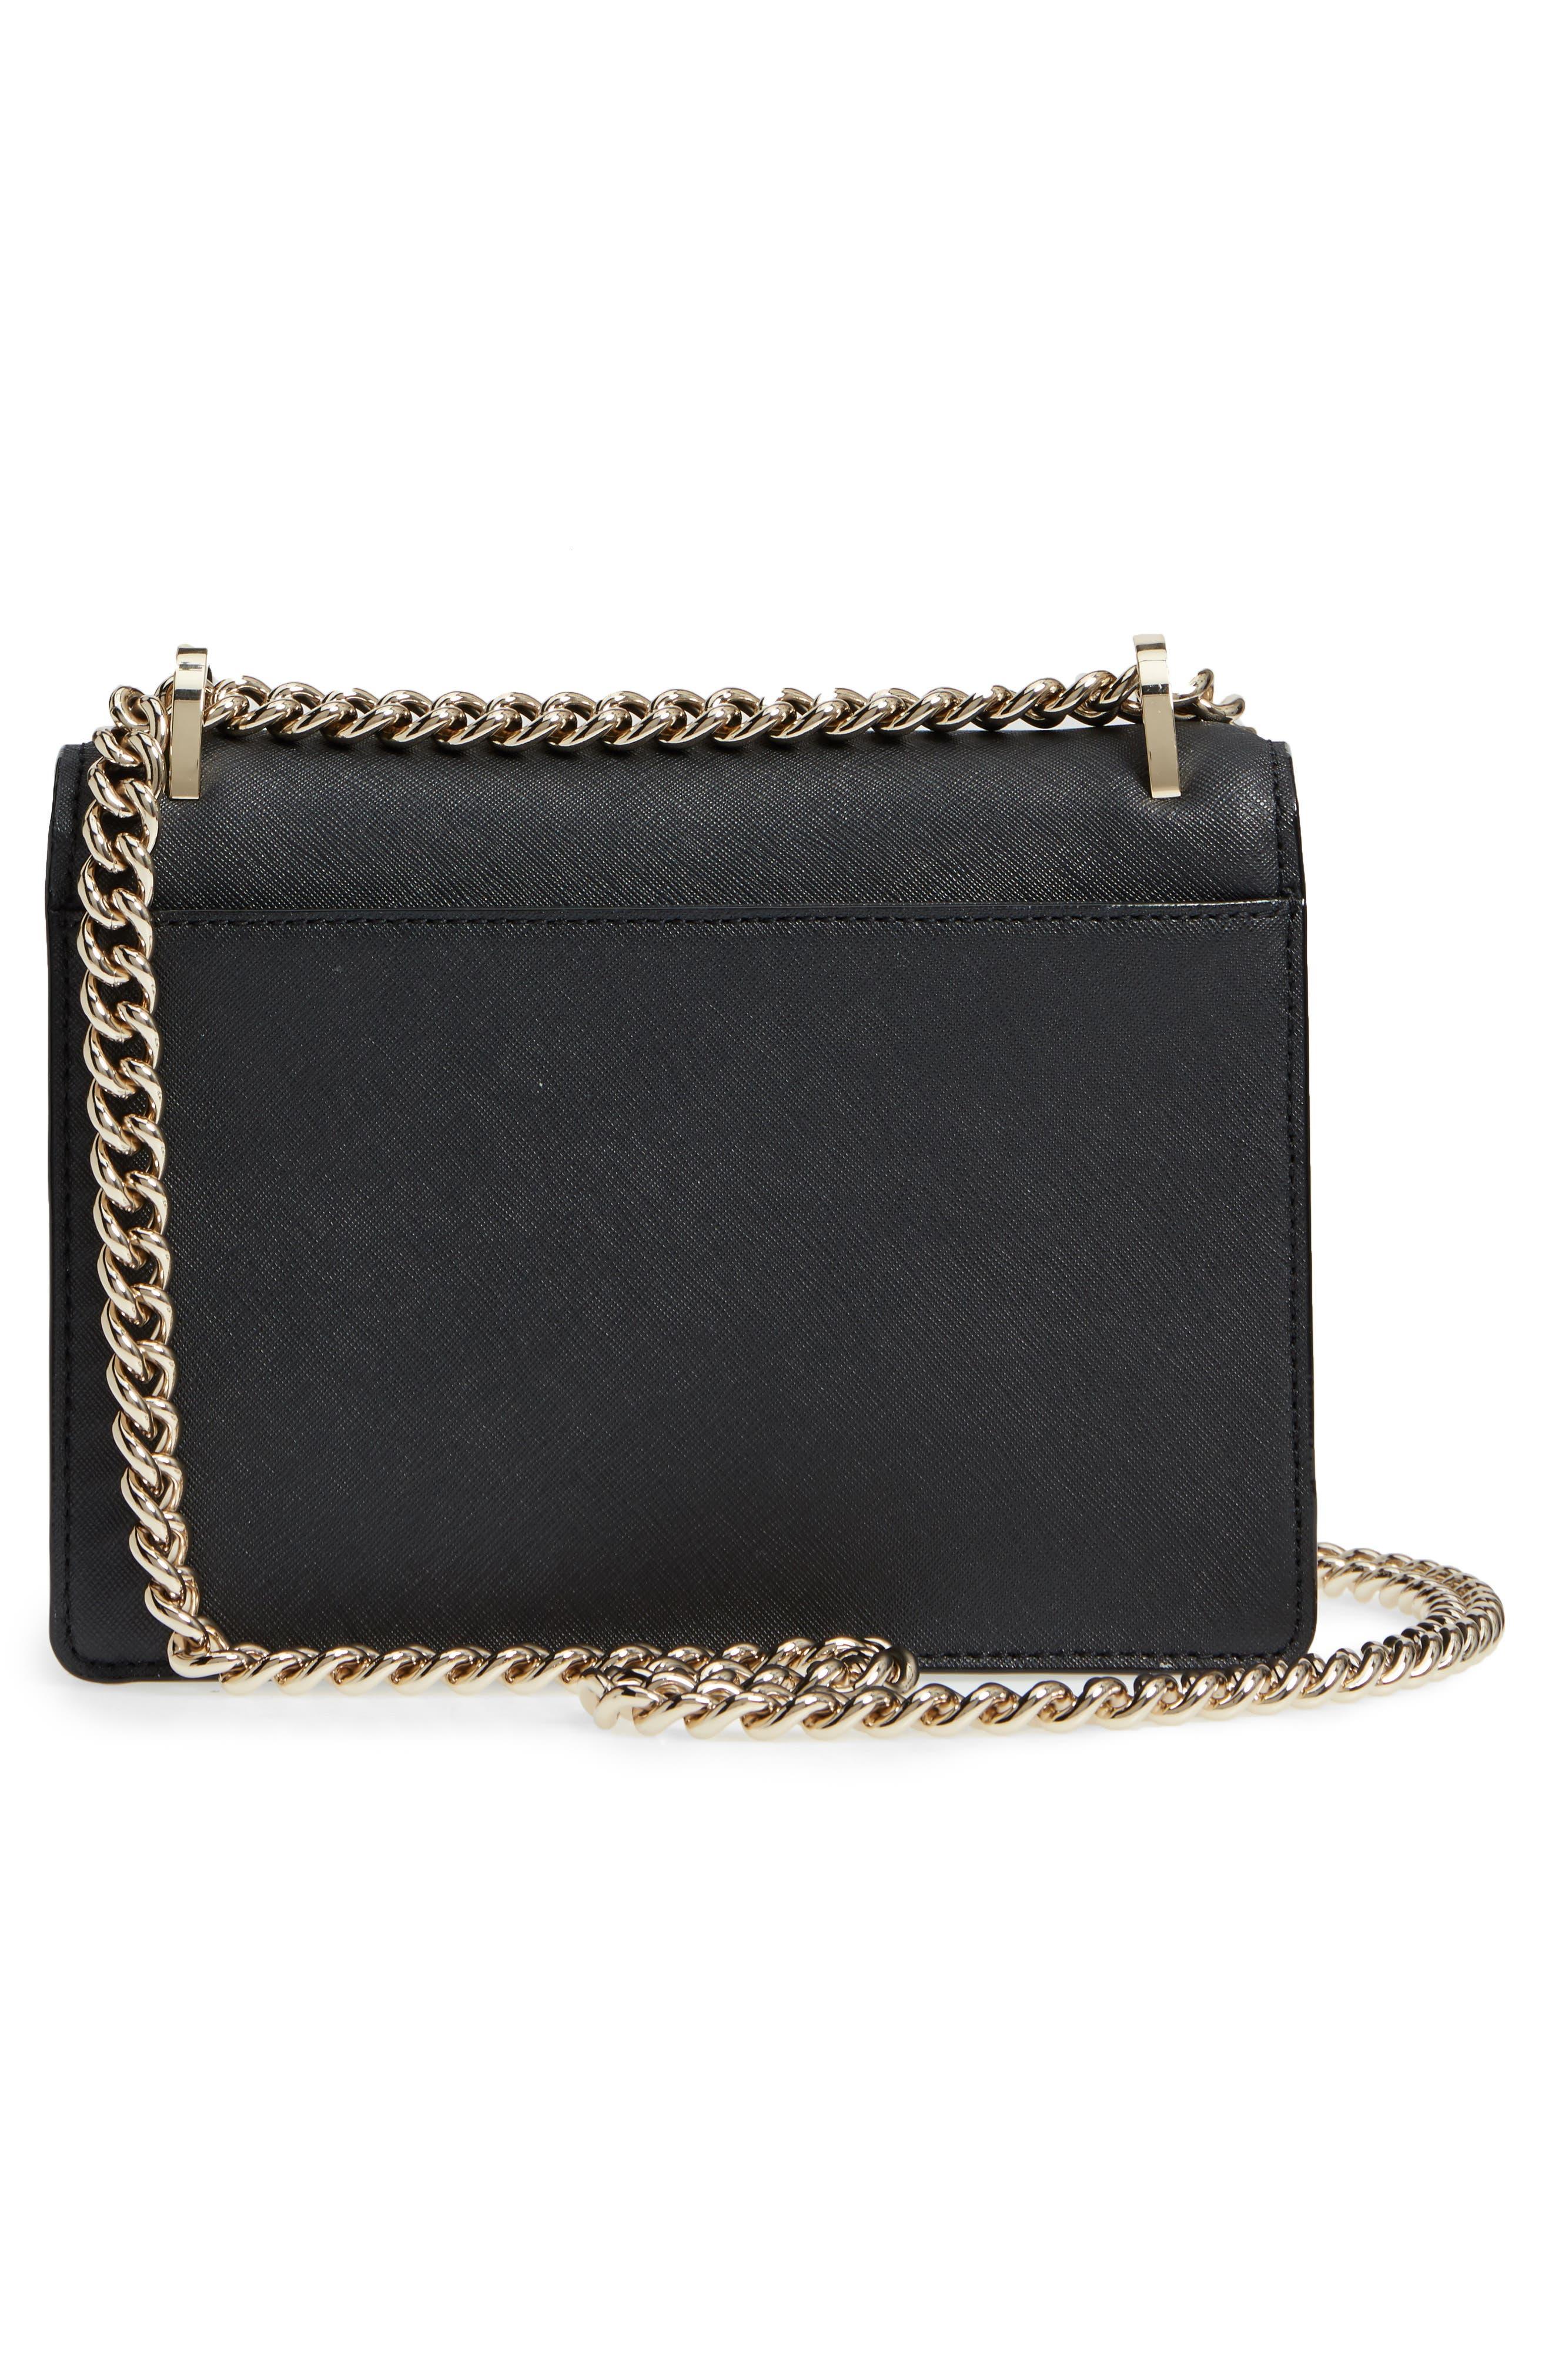 cameron street marci leather shoulder bag,                             Alternate thumbnail 5, color,                             Black